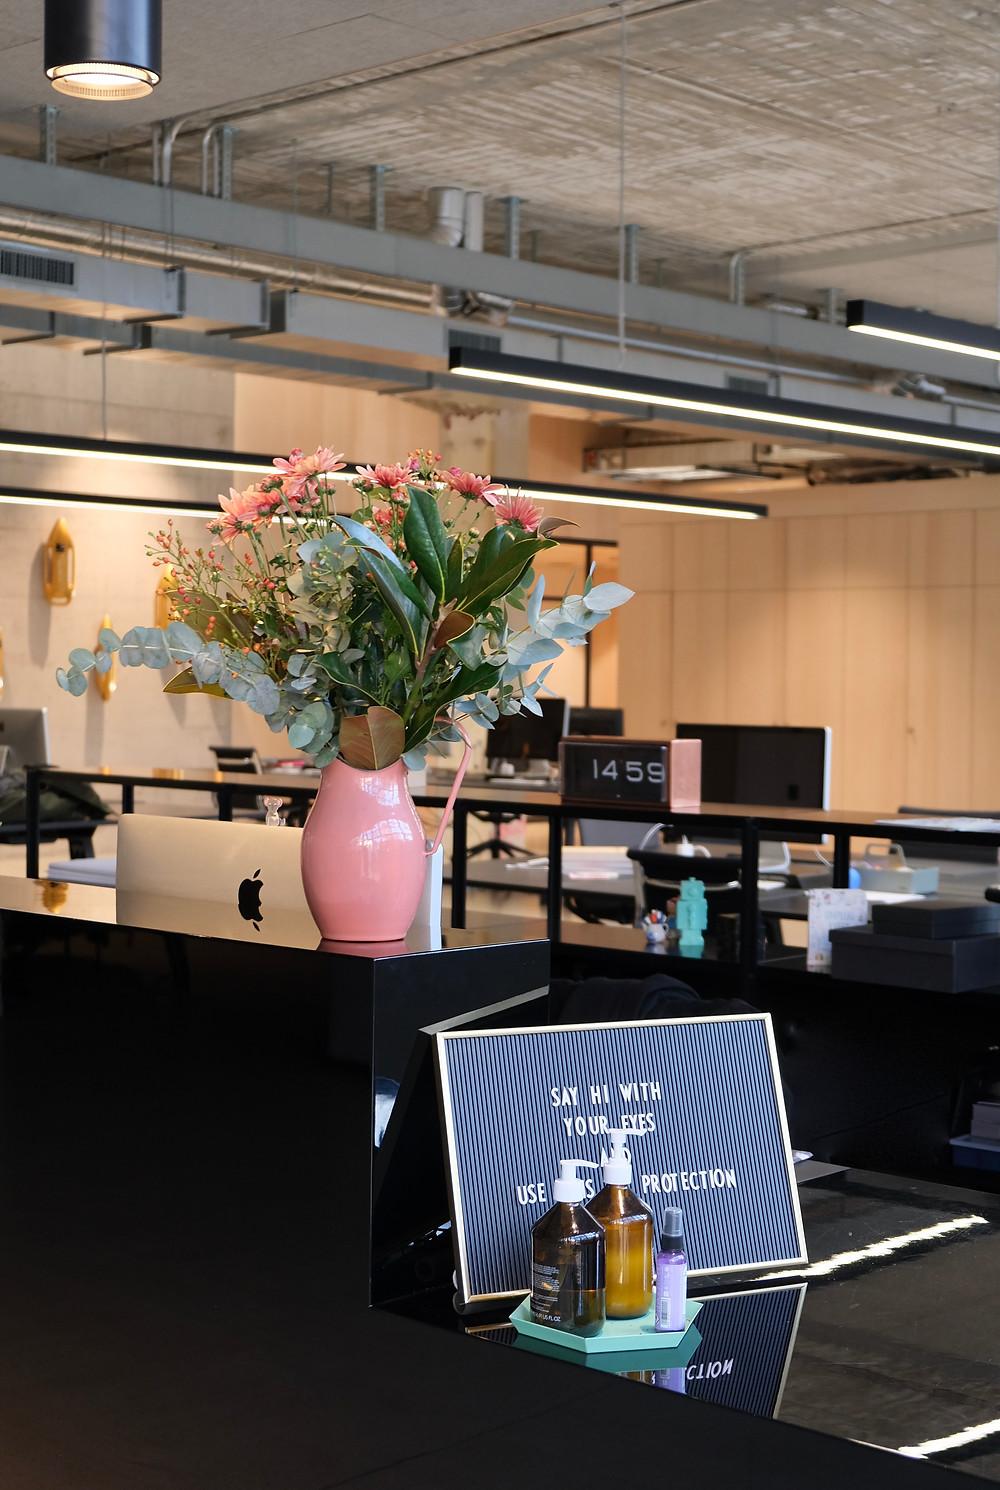 Blumenpost Hinderling Volkart Büro Blumen Blumenabo Lieferung